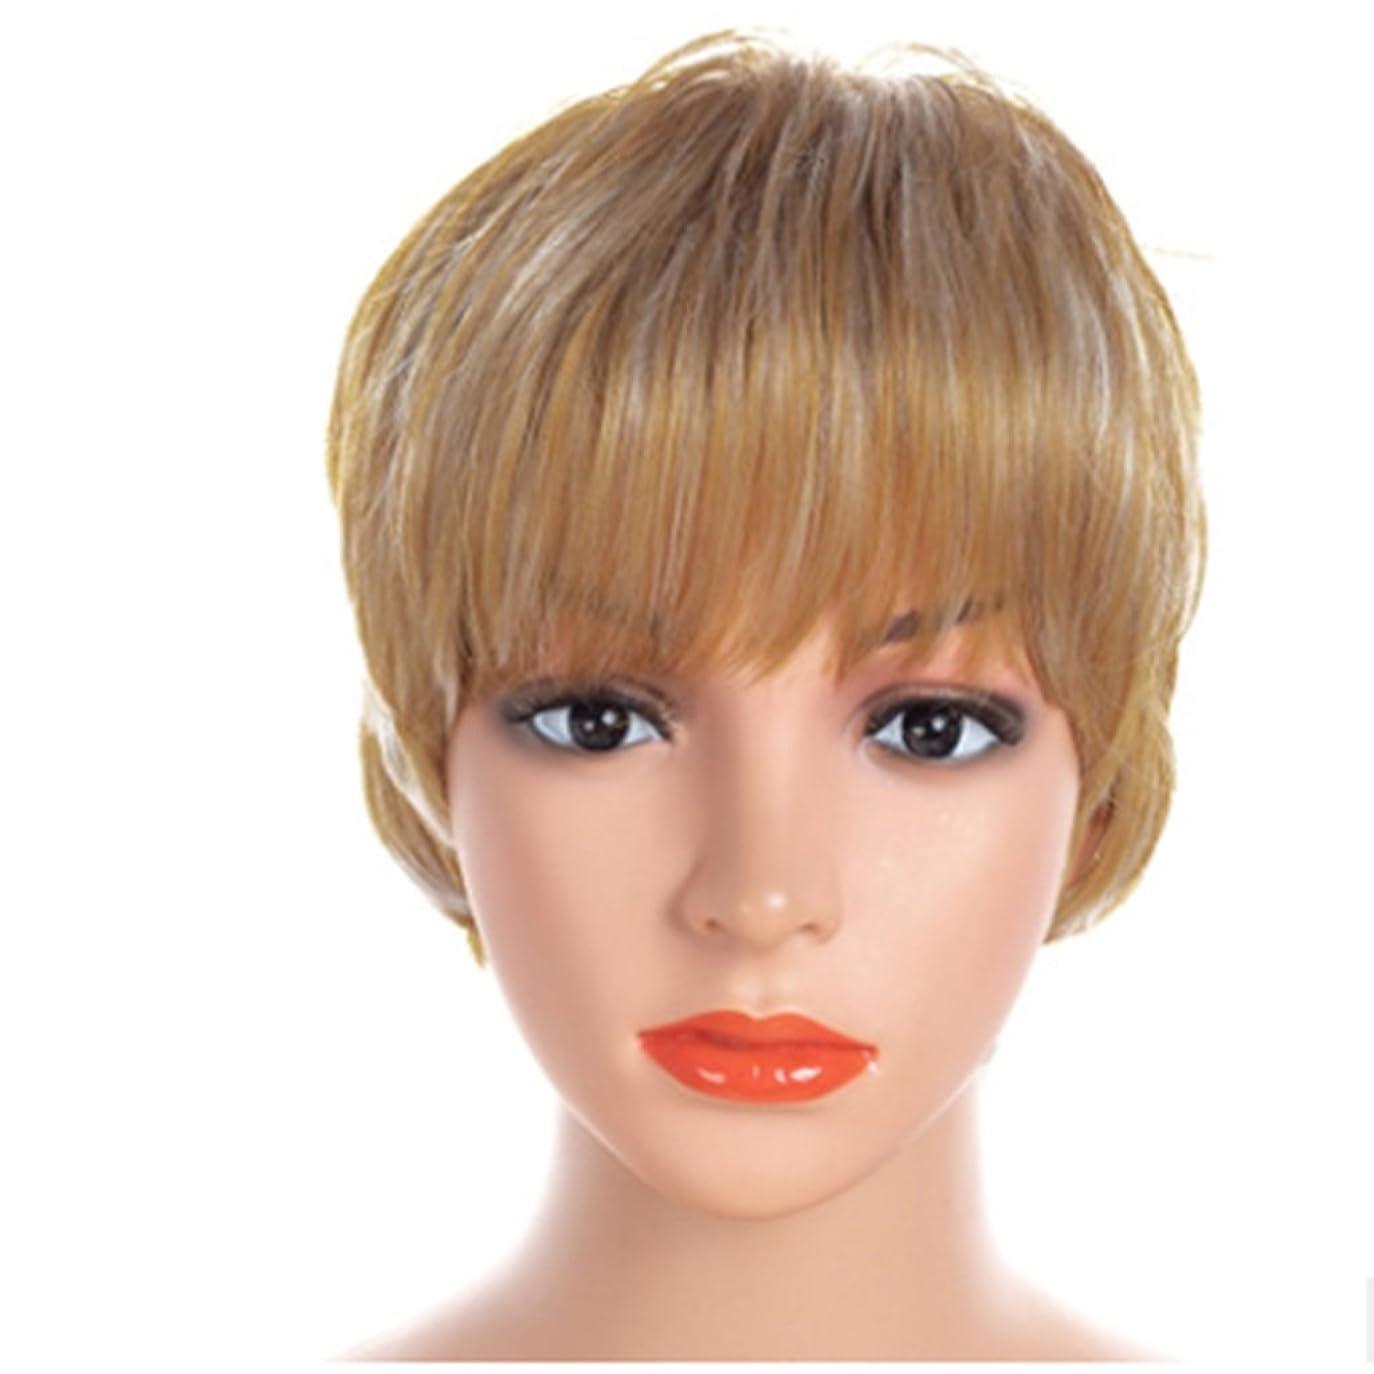 三角拷問苦いKoloeplf 女性のための30cmストレートショートウィッグ傾斜またはフラット合成デイリーウィッグリアルヘア - ゴールドストレートウィッグ (Color : 金色)